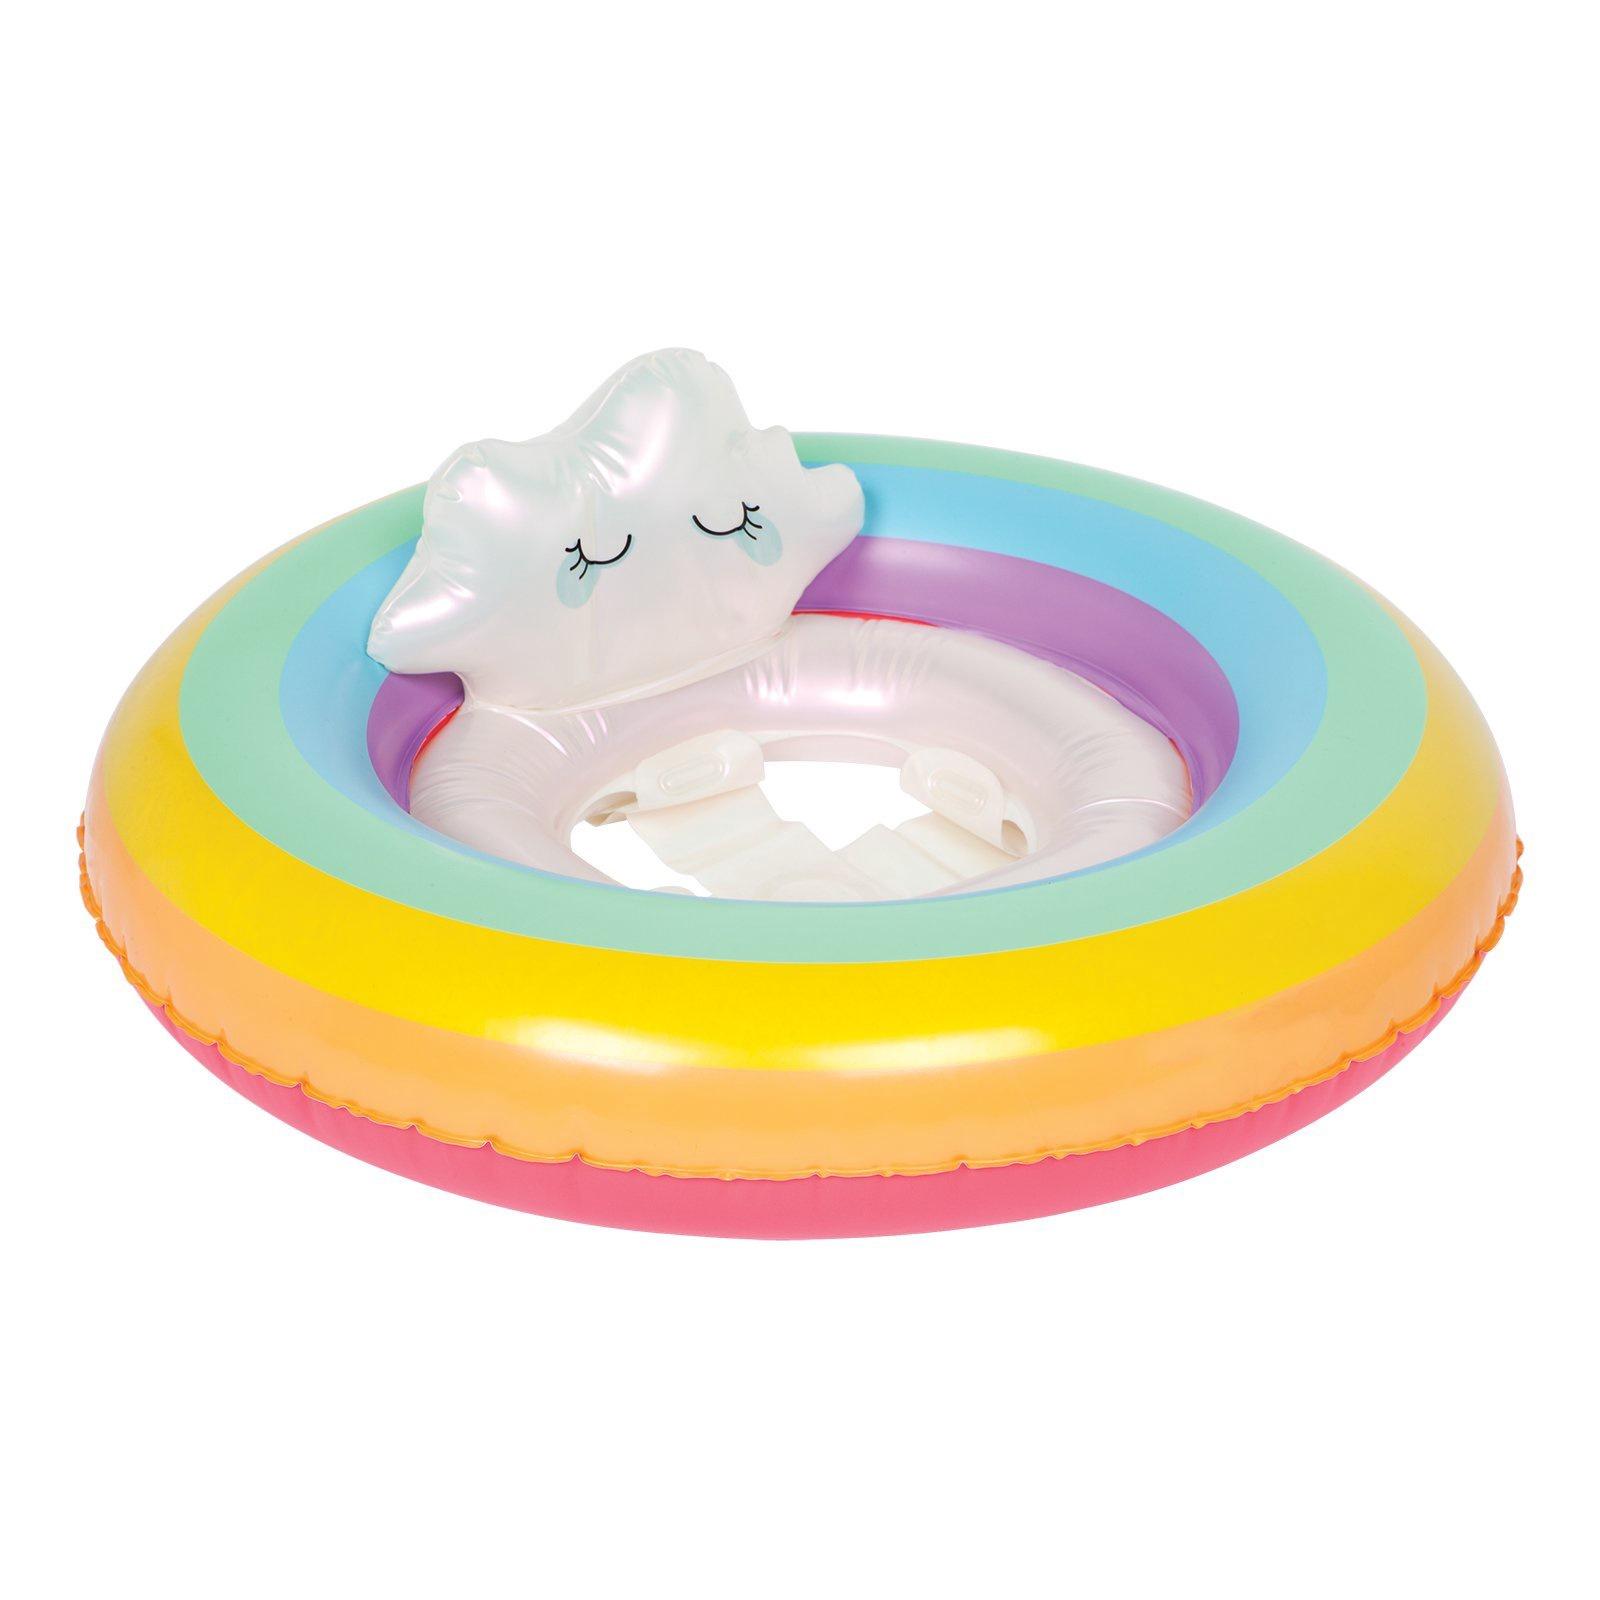 Sunny Life Baby Float Rainbow